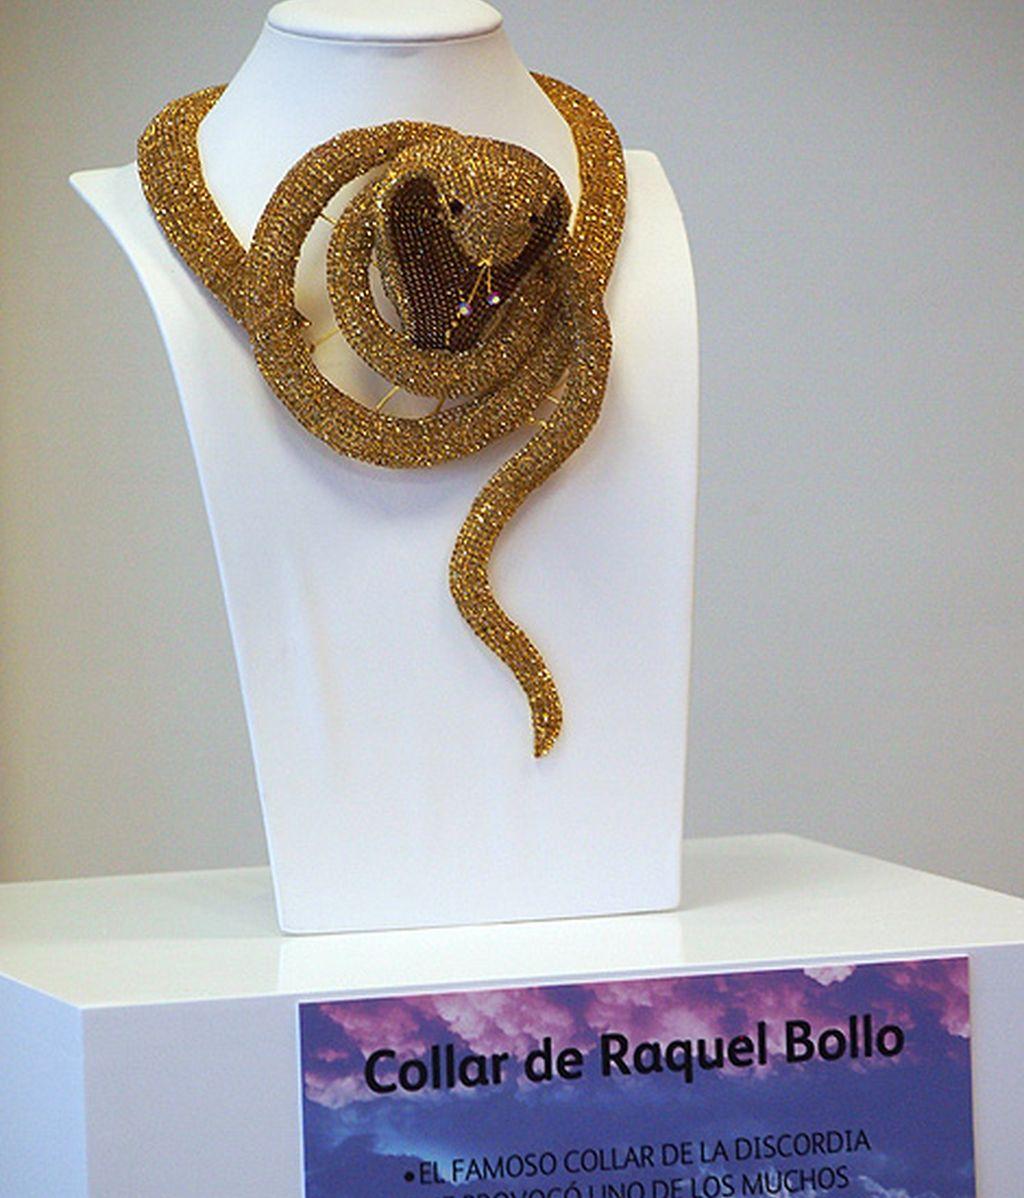 El collar de Raquel Bollo (motivo de disputa con su exnuera, Aguasantas)